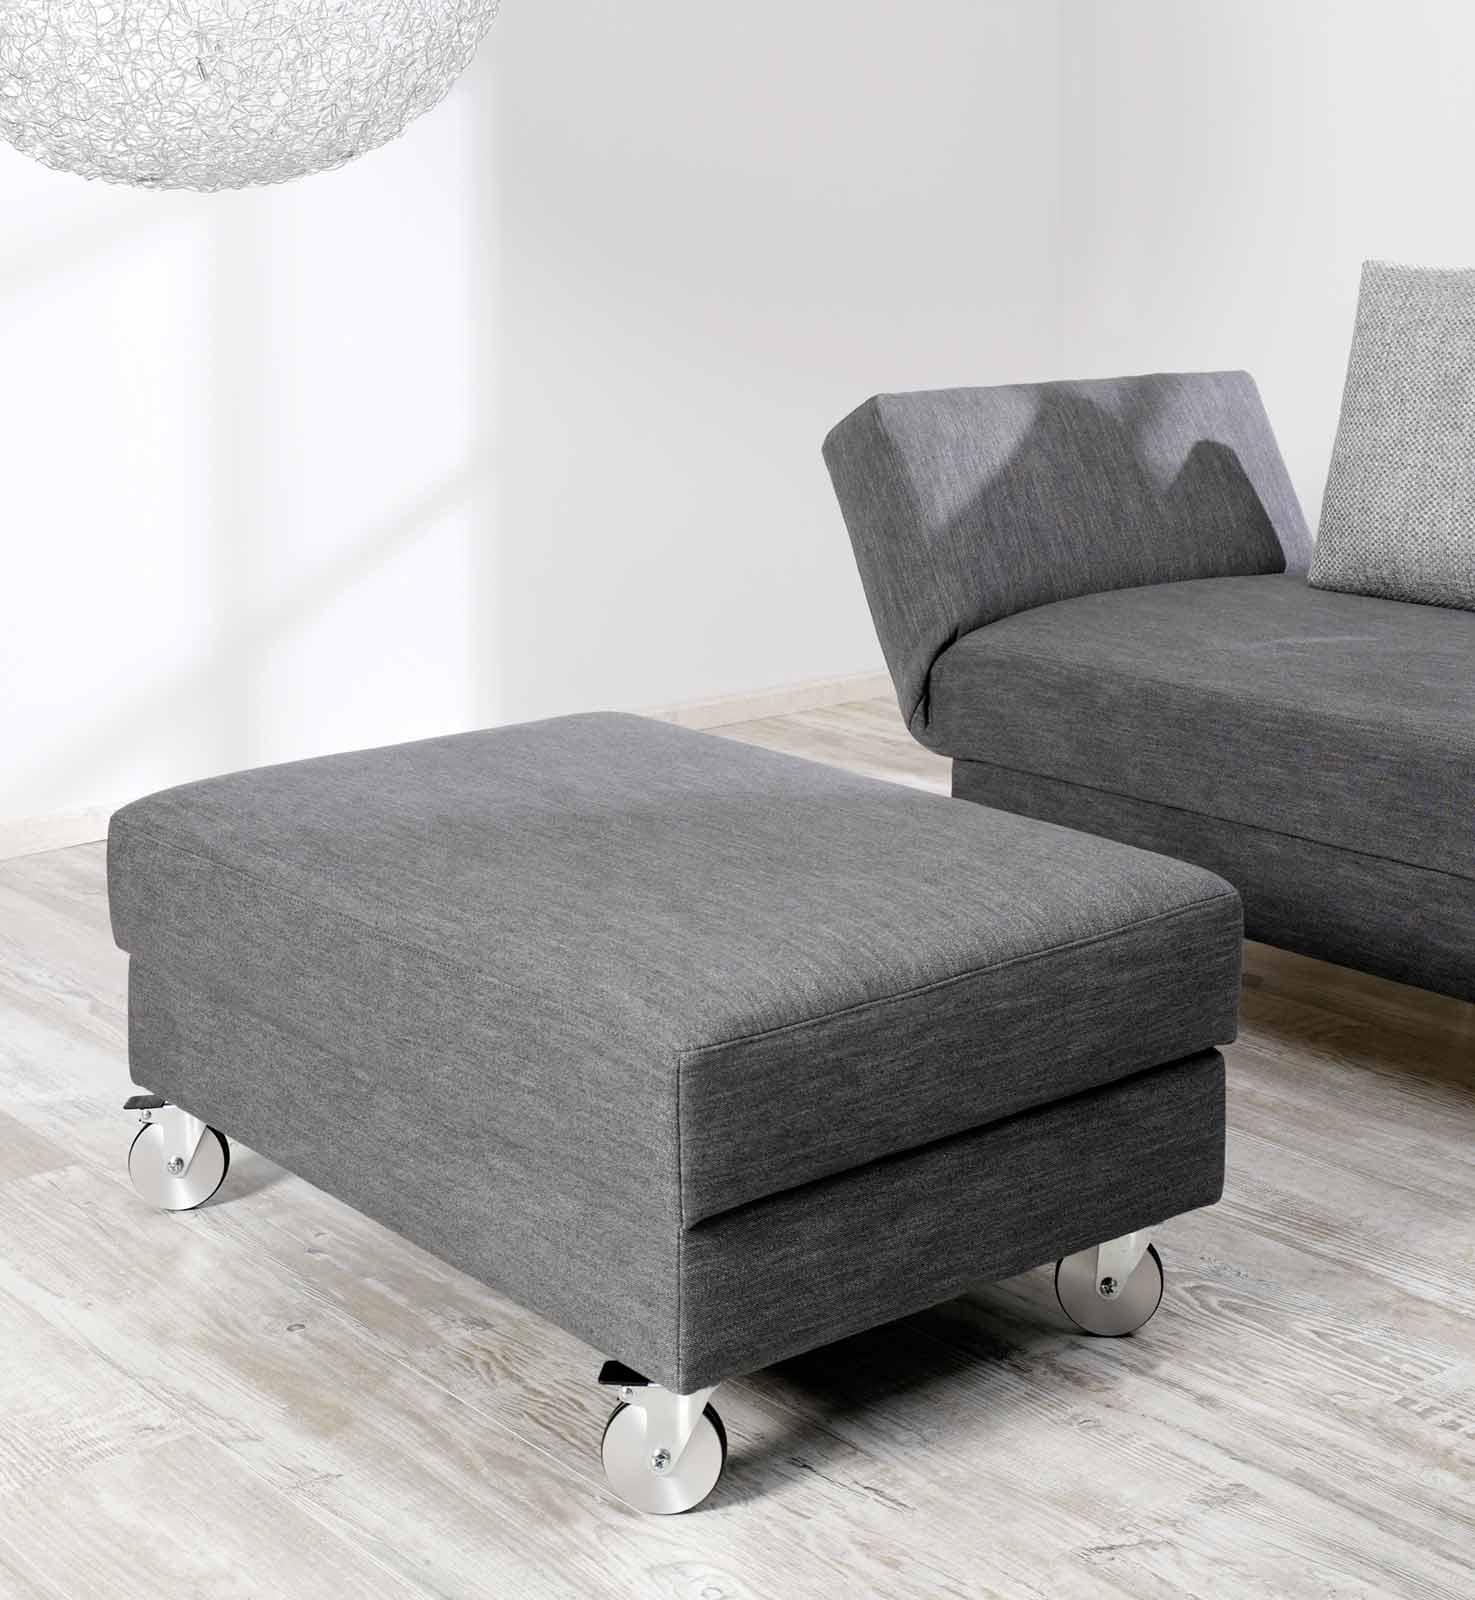 polsterhocker mit stauraum rollen gem tlich zum sofa purenature. Black Bedroom Furniture Sets. Home Design Ideas